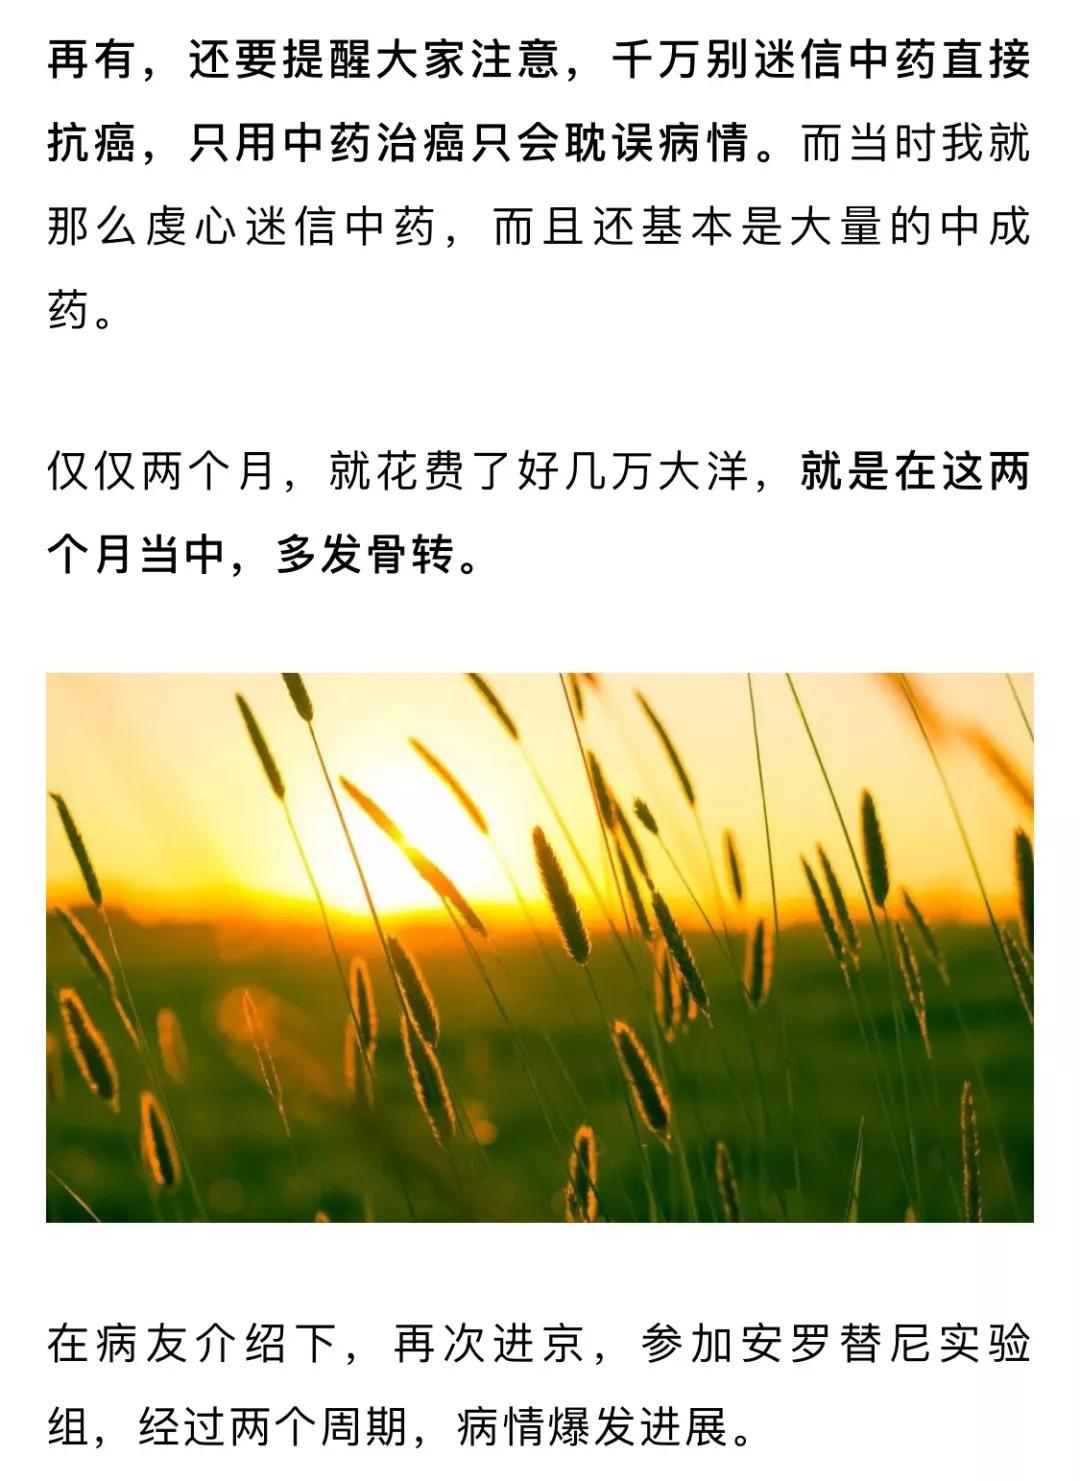 金沙澳门官网 8